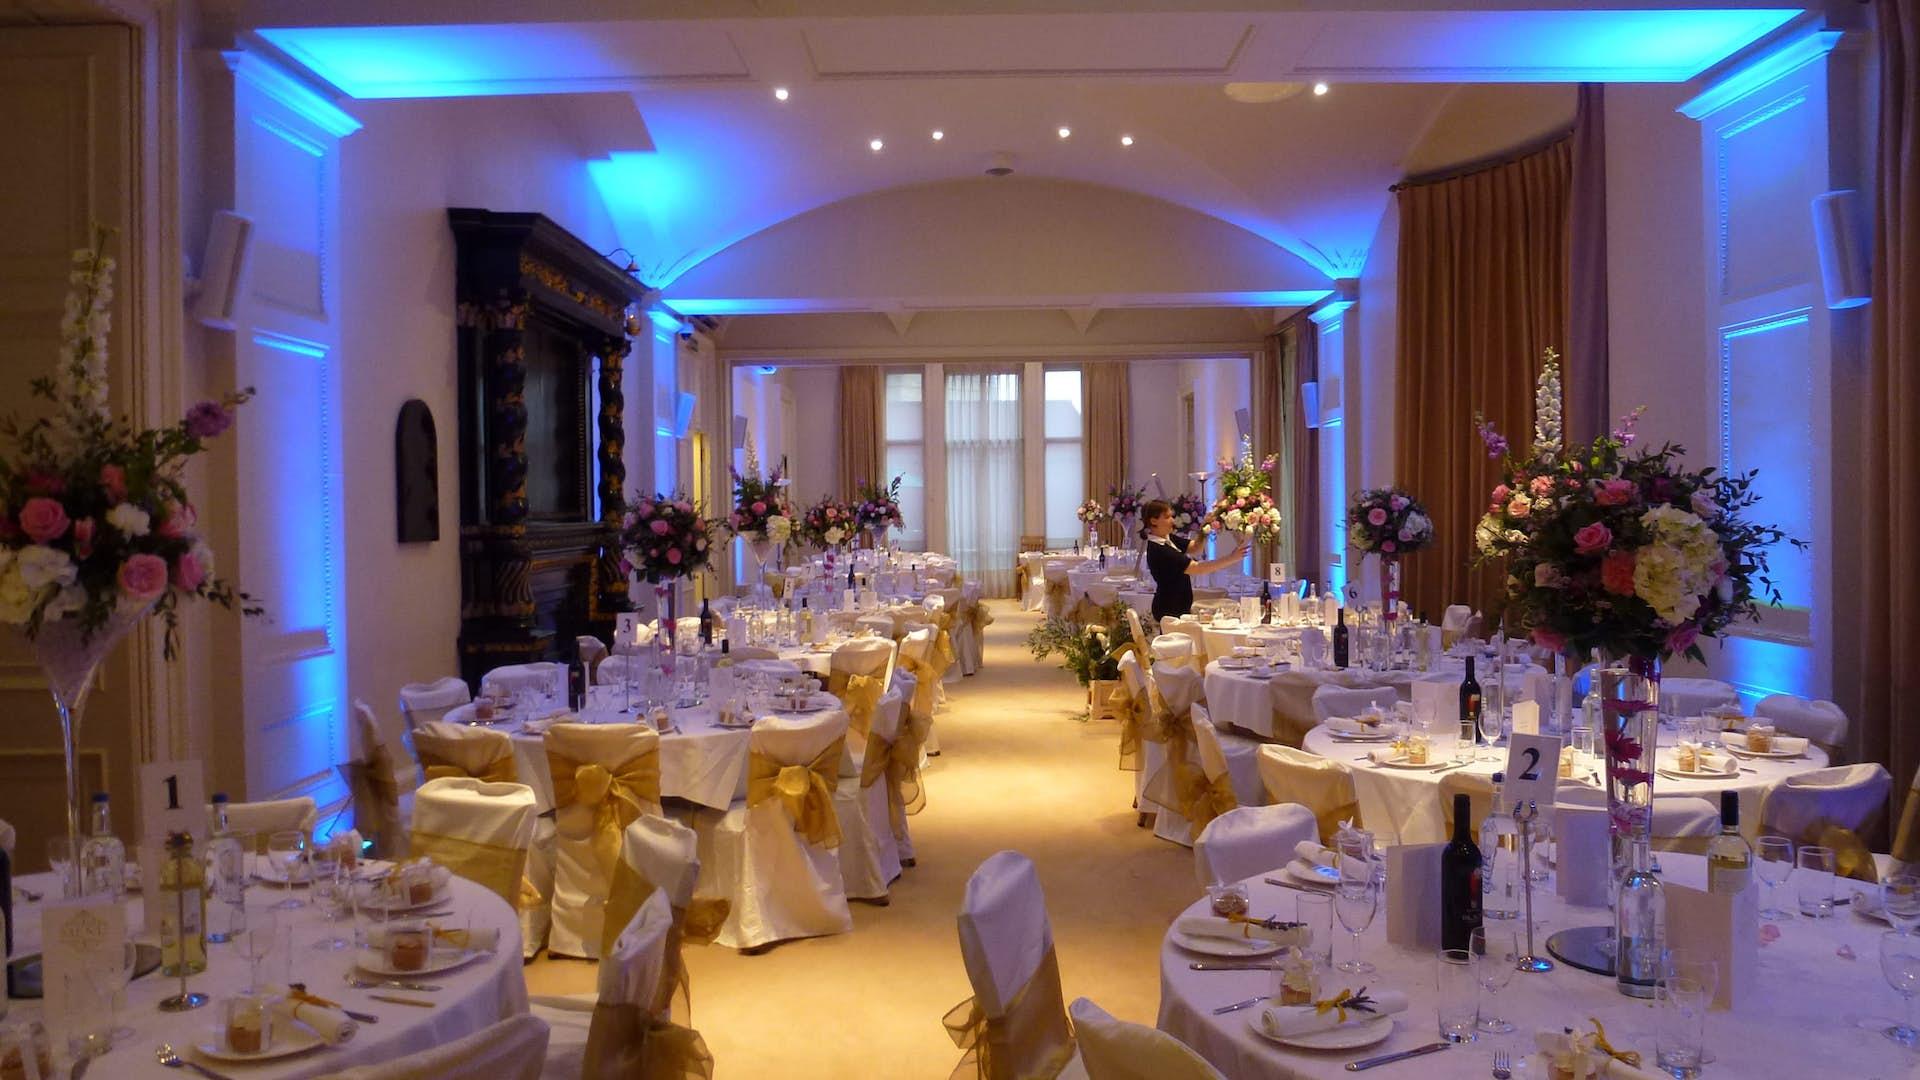 Whole venue events hire kent house knightsbridge nan48 kent house knightsbridge junglespirit Choice Image